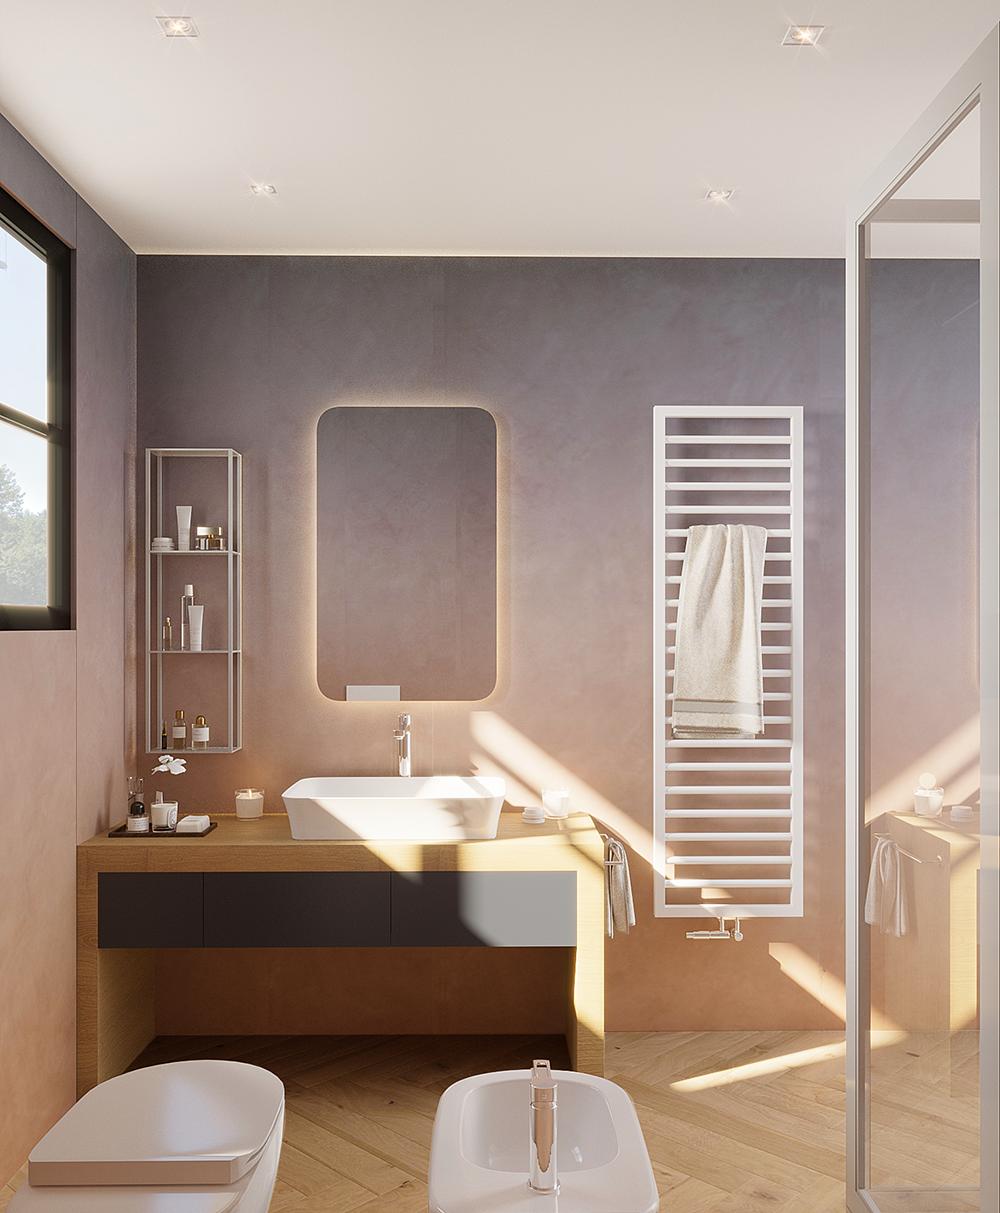 AmarantoInterior_villa_varese_bathroom01